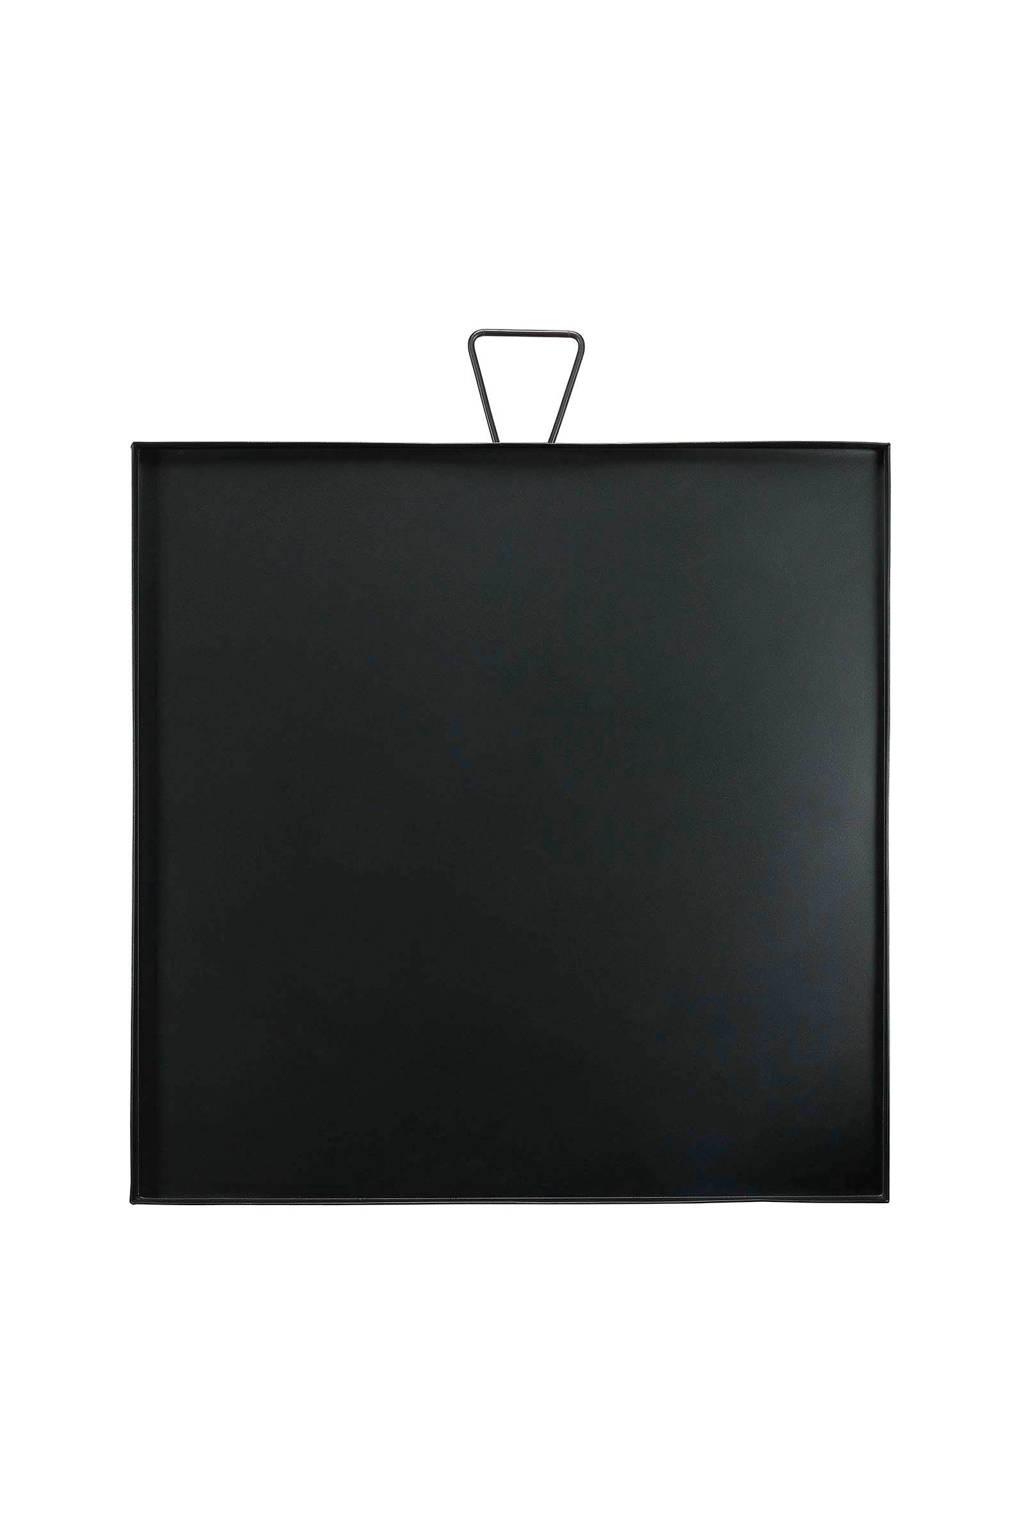 vtwonen memobord, Zwart